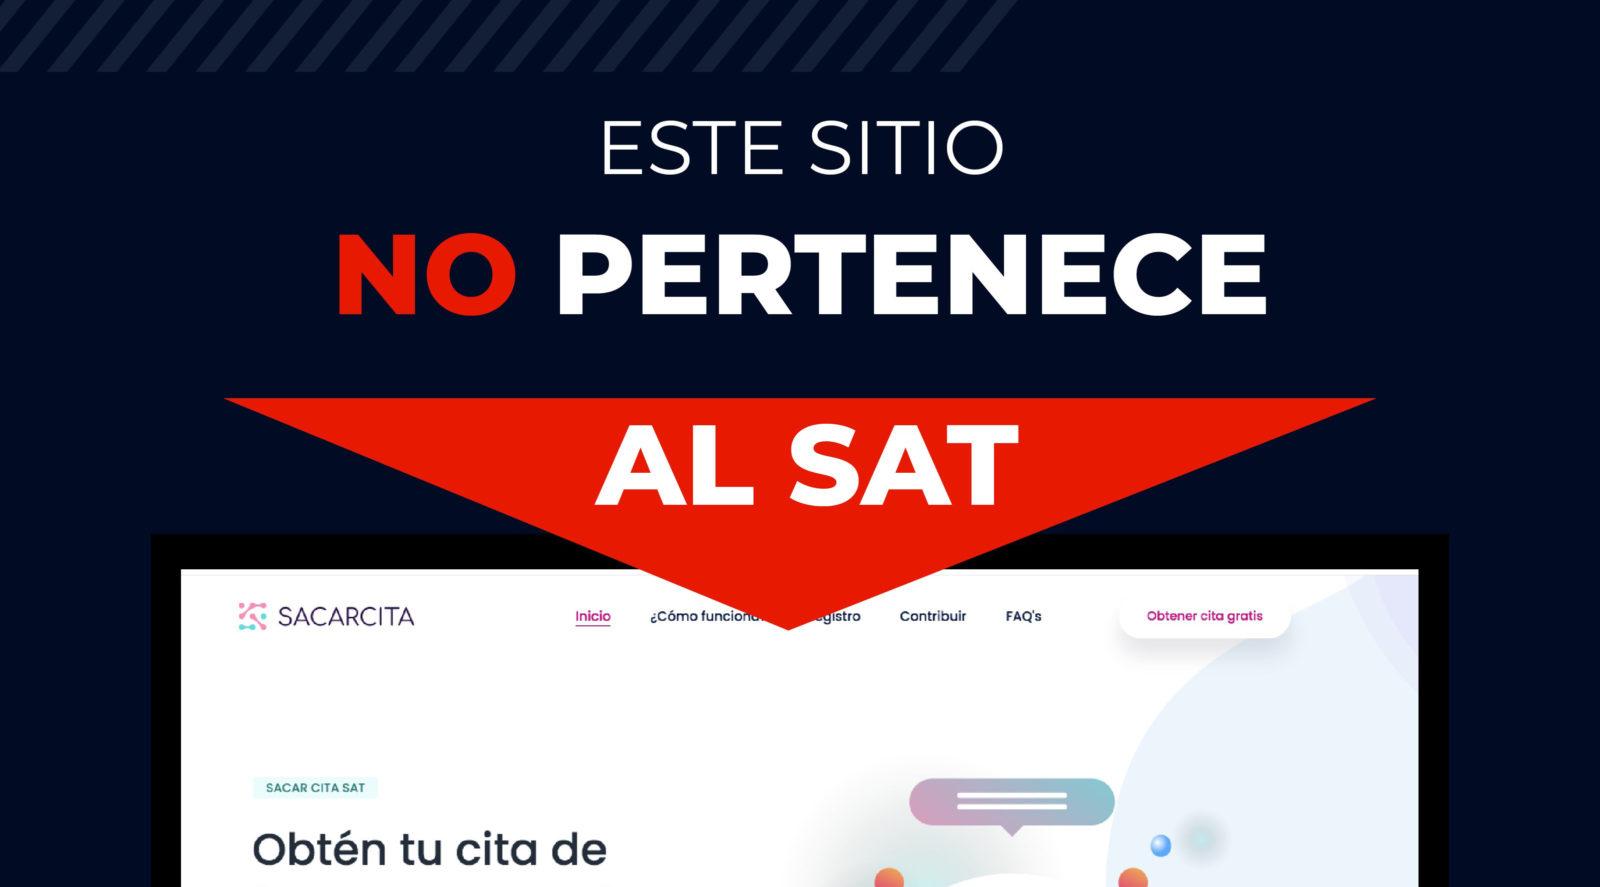 sacarcita SAT